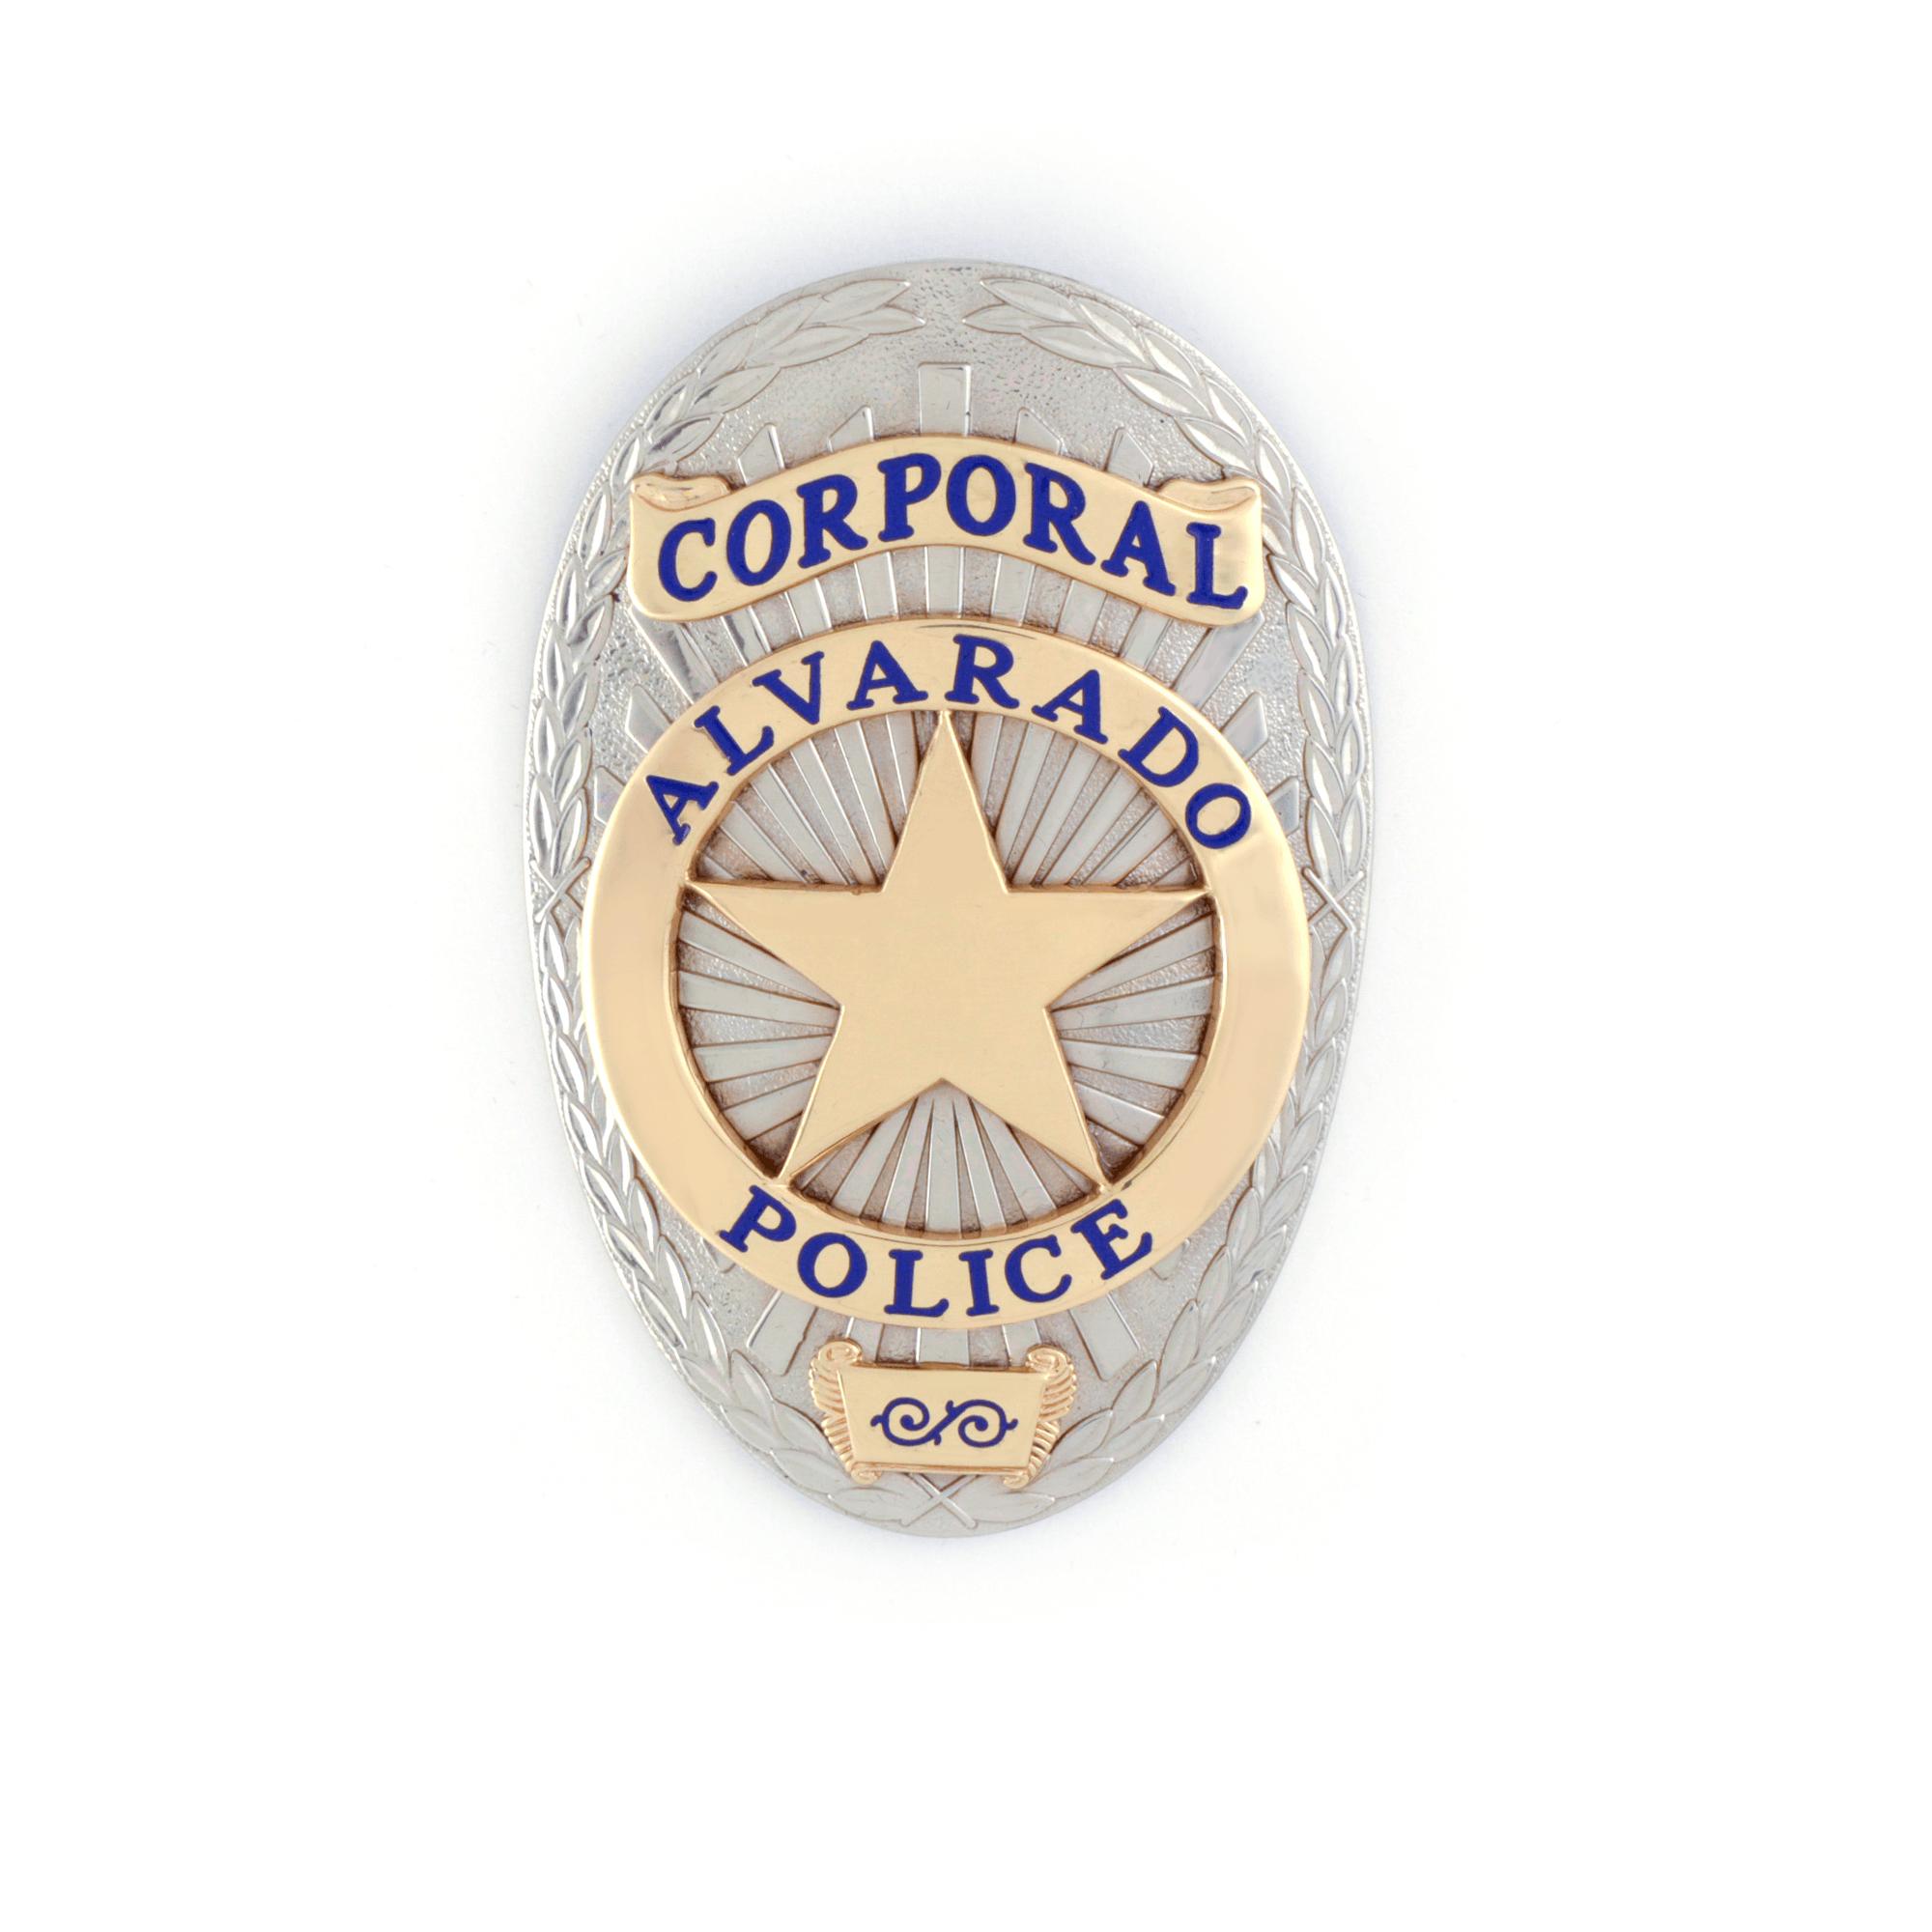 8-CorporalAlvaradoPolice.png